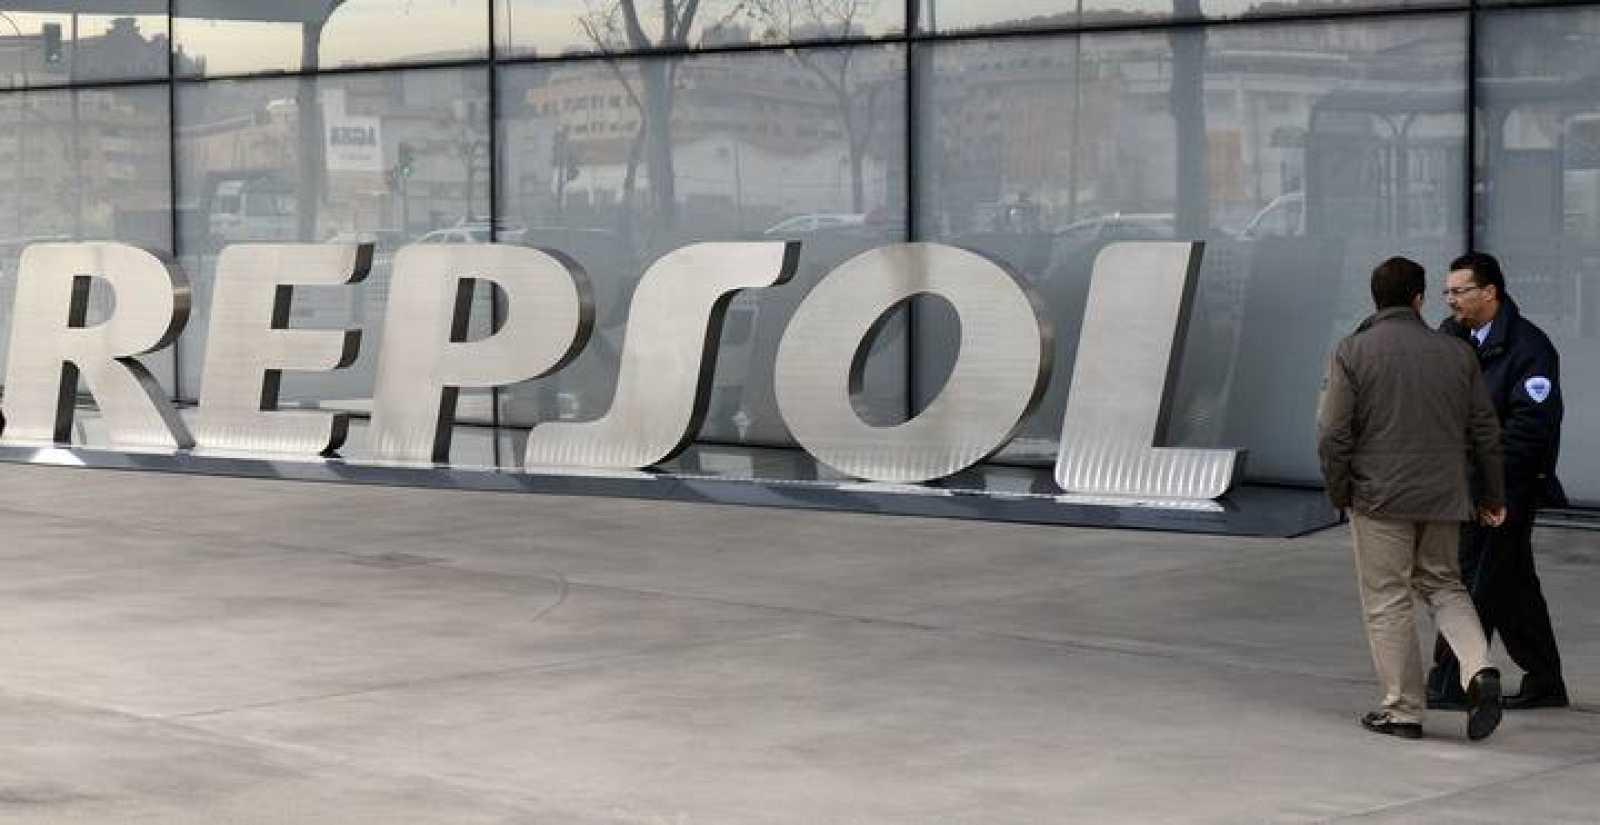 La entrada a la sede de Repsol en Madrid